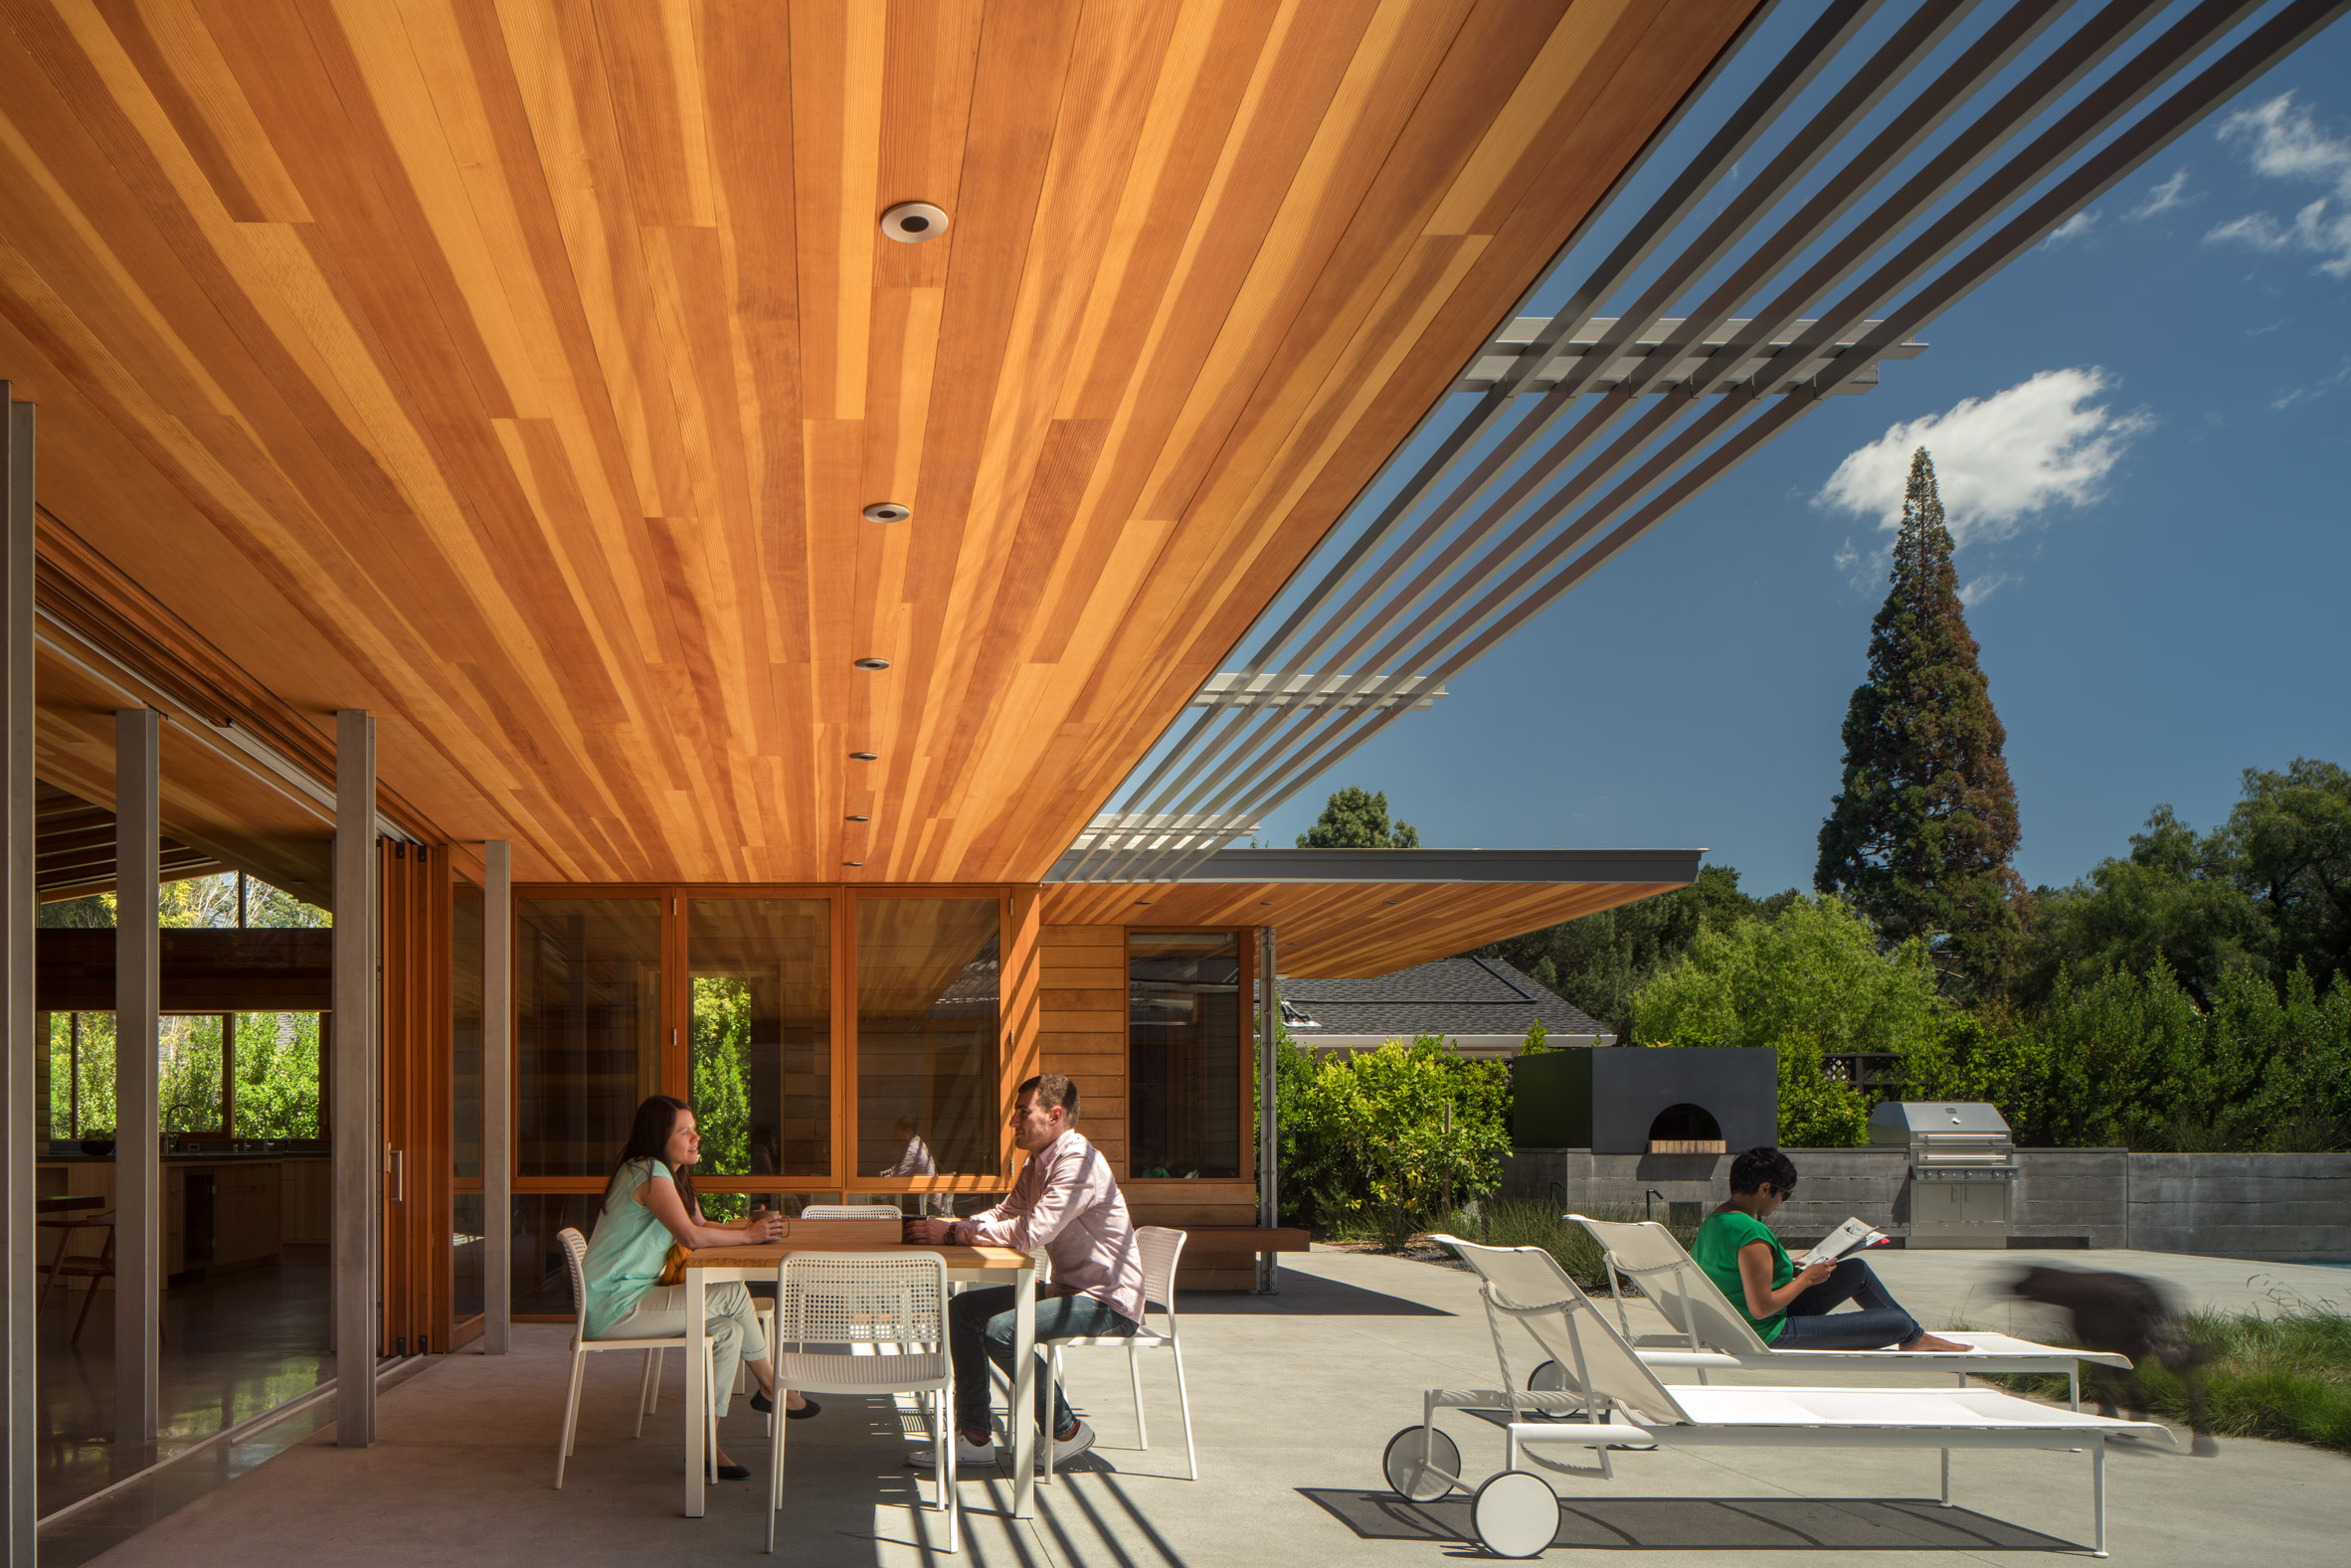 Los Altos Residence by Bohlin Cywinski Jackson